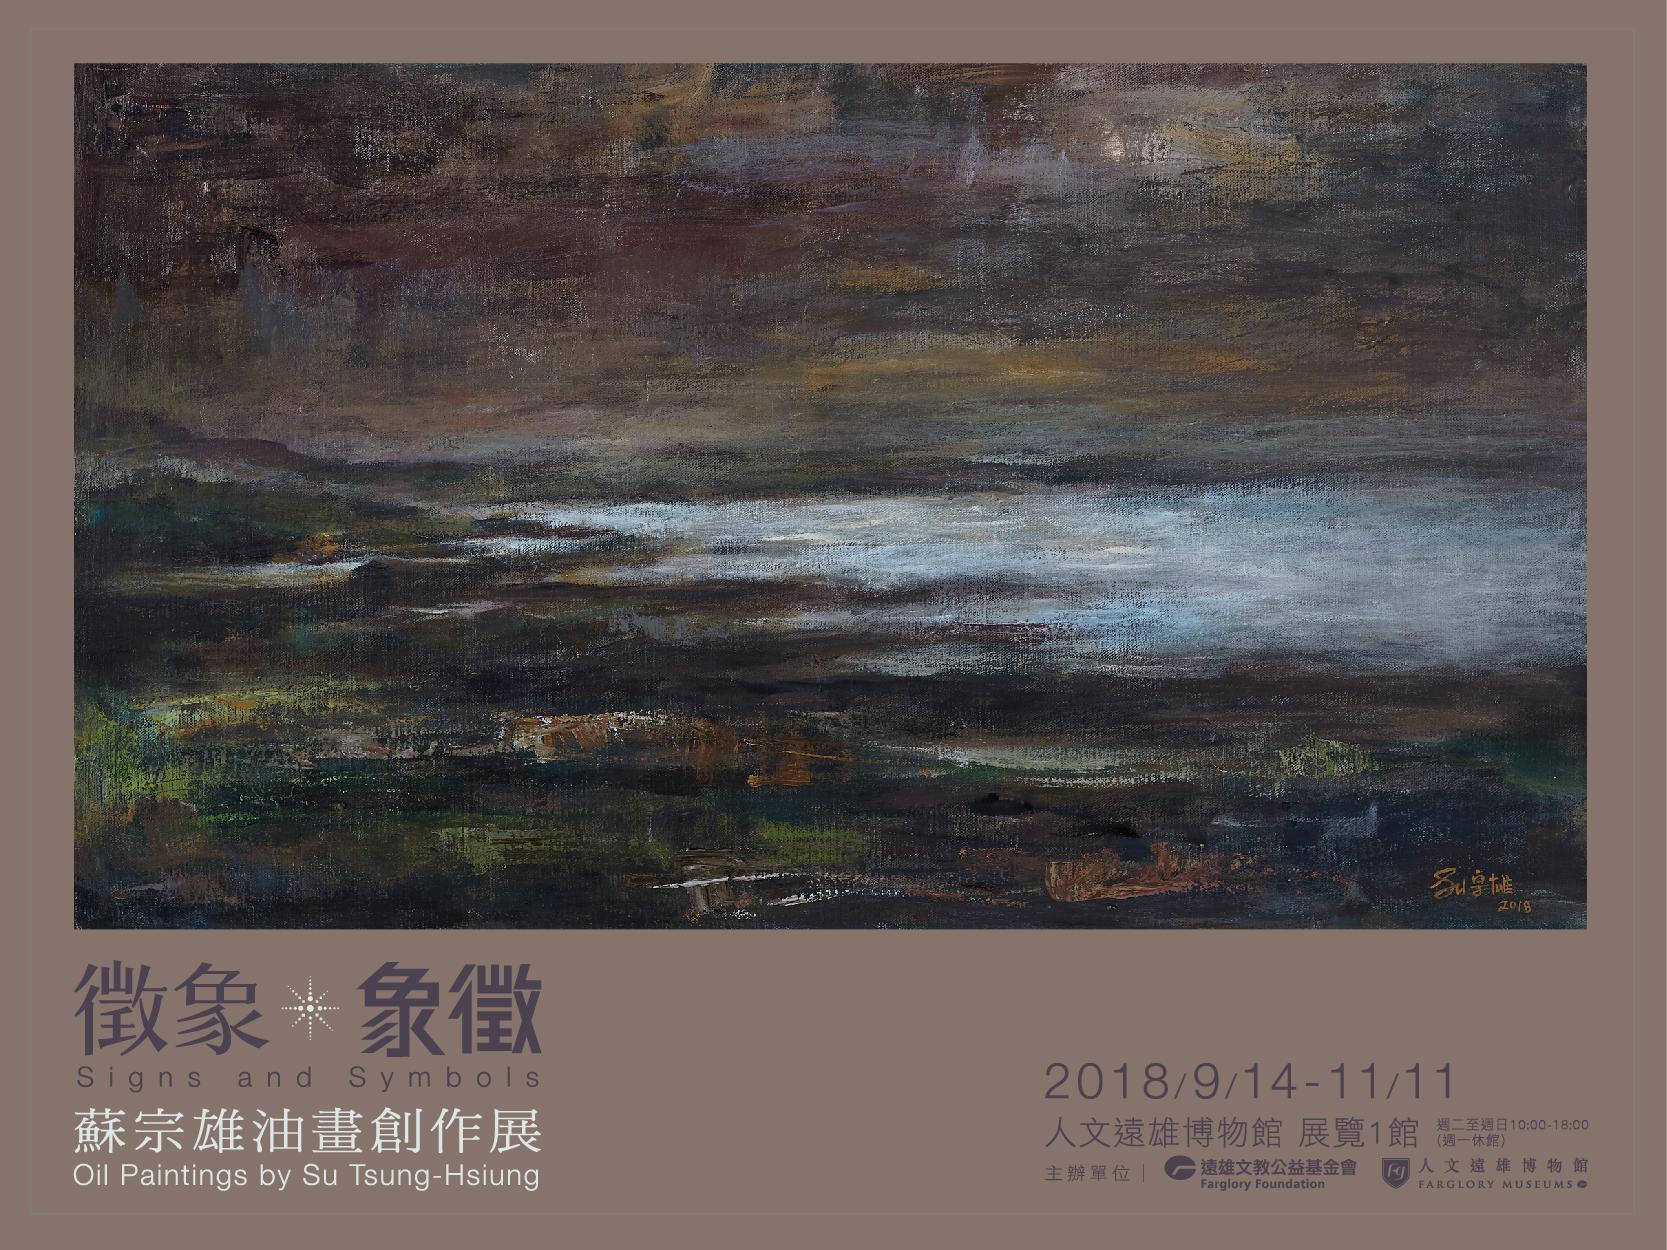 人文遠雄博物館:2018/09/14-11/11【《徵象.象徵》蘇宗雄油畫創作展】